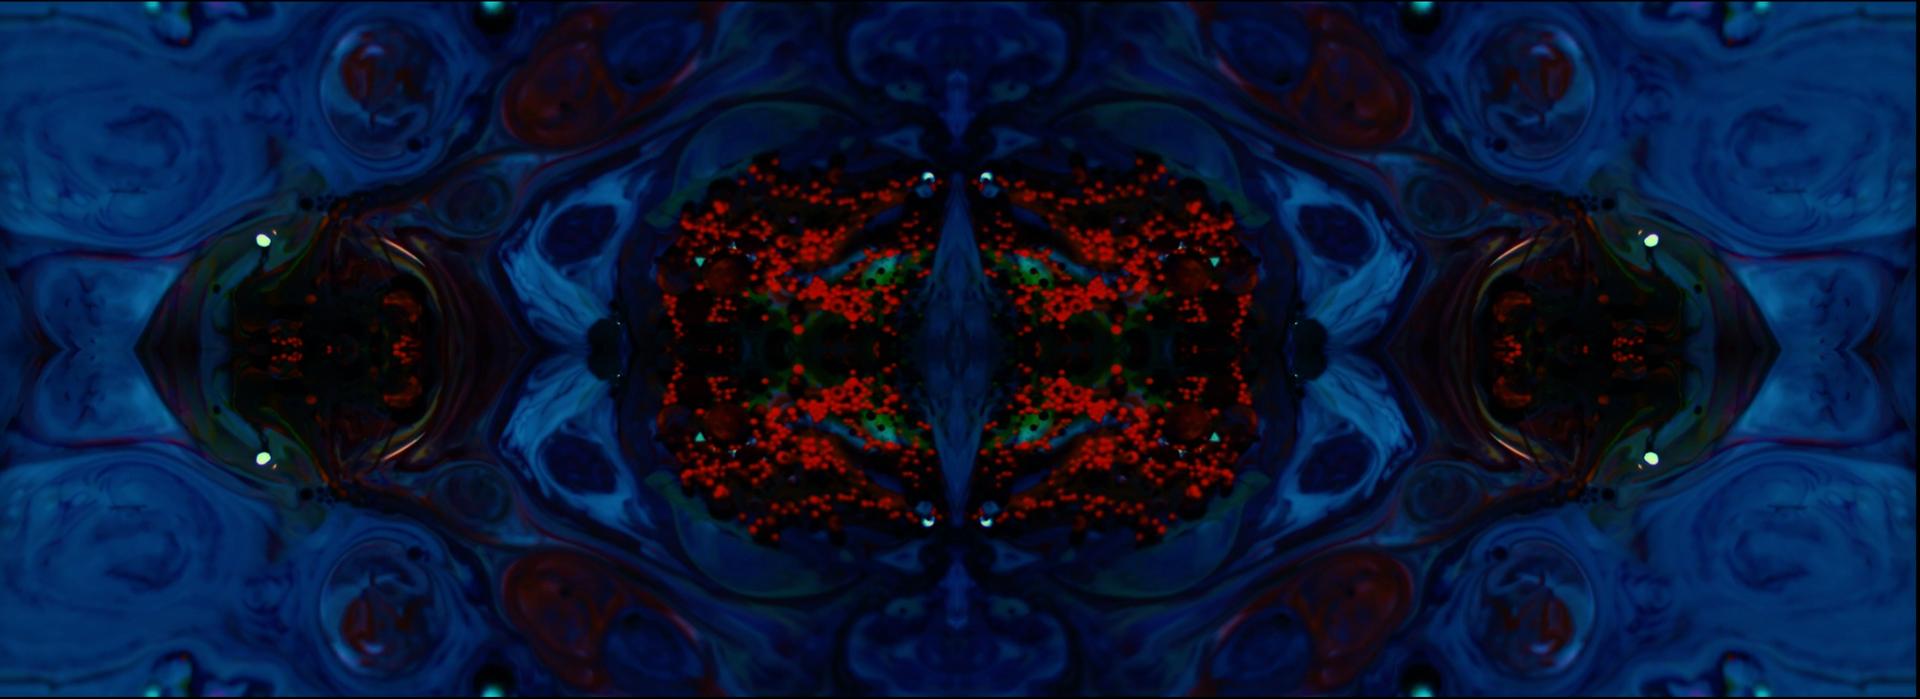 Screen Shot 2020-03-09 at 5.37.38 PM.png